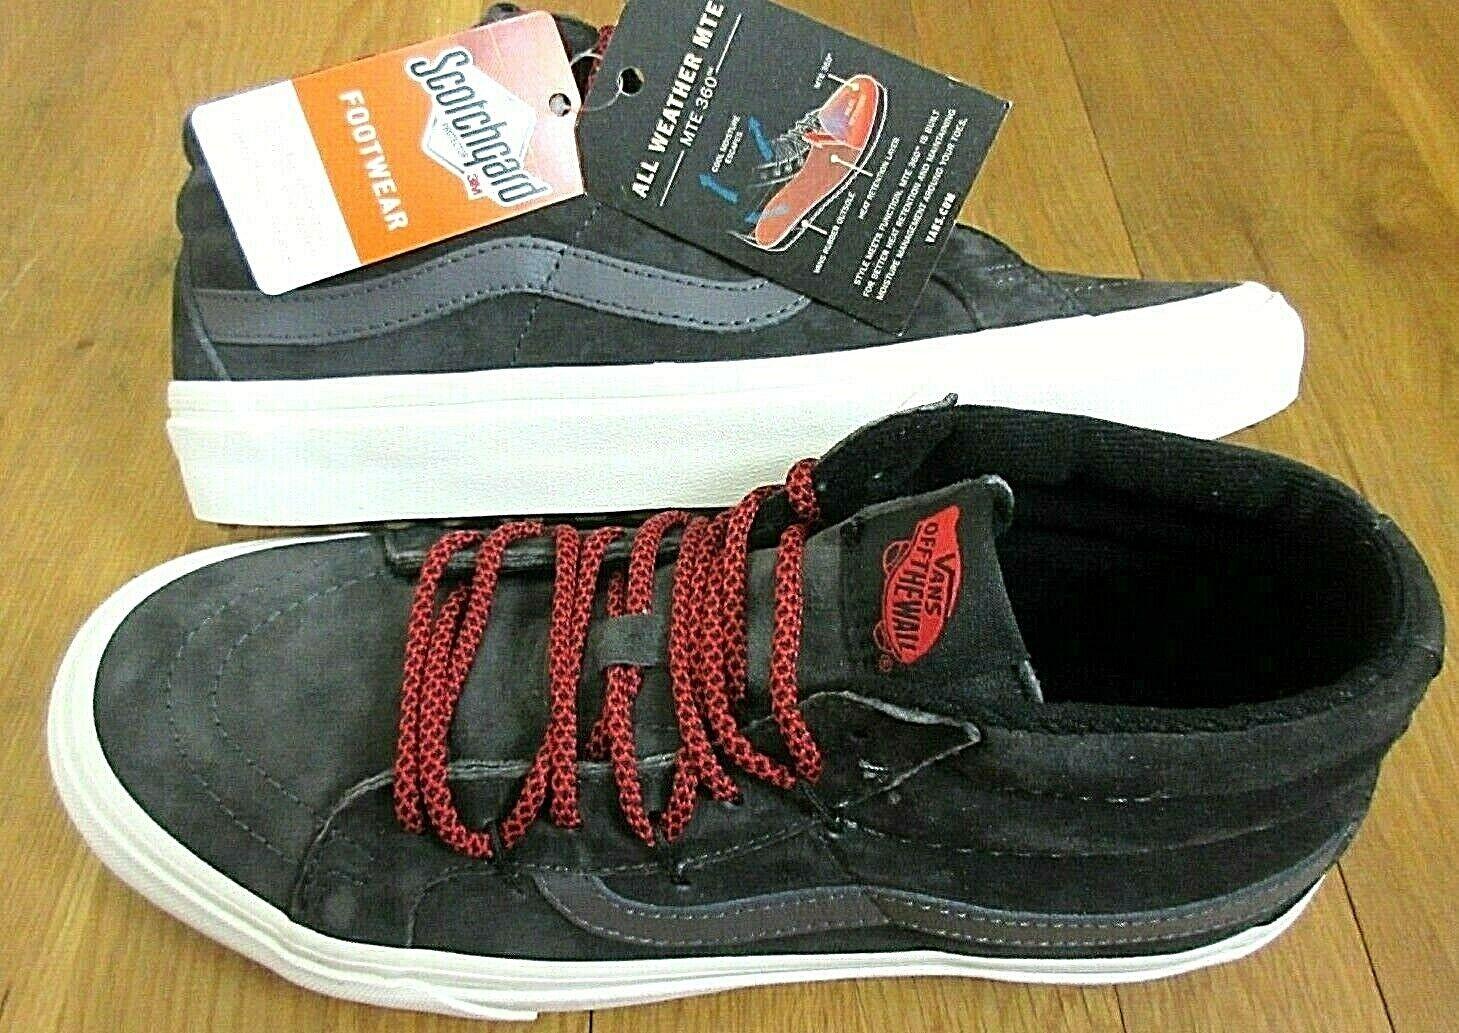 Vans femme Sk8-Mid réédition MTE All Weather Forgé Fer Gris Chaussures De Skate Taille 9